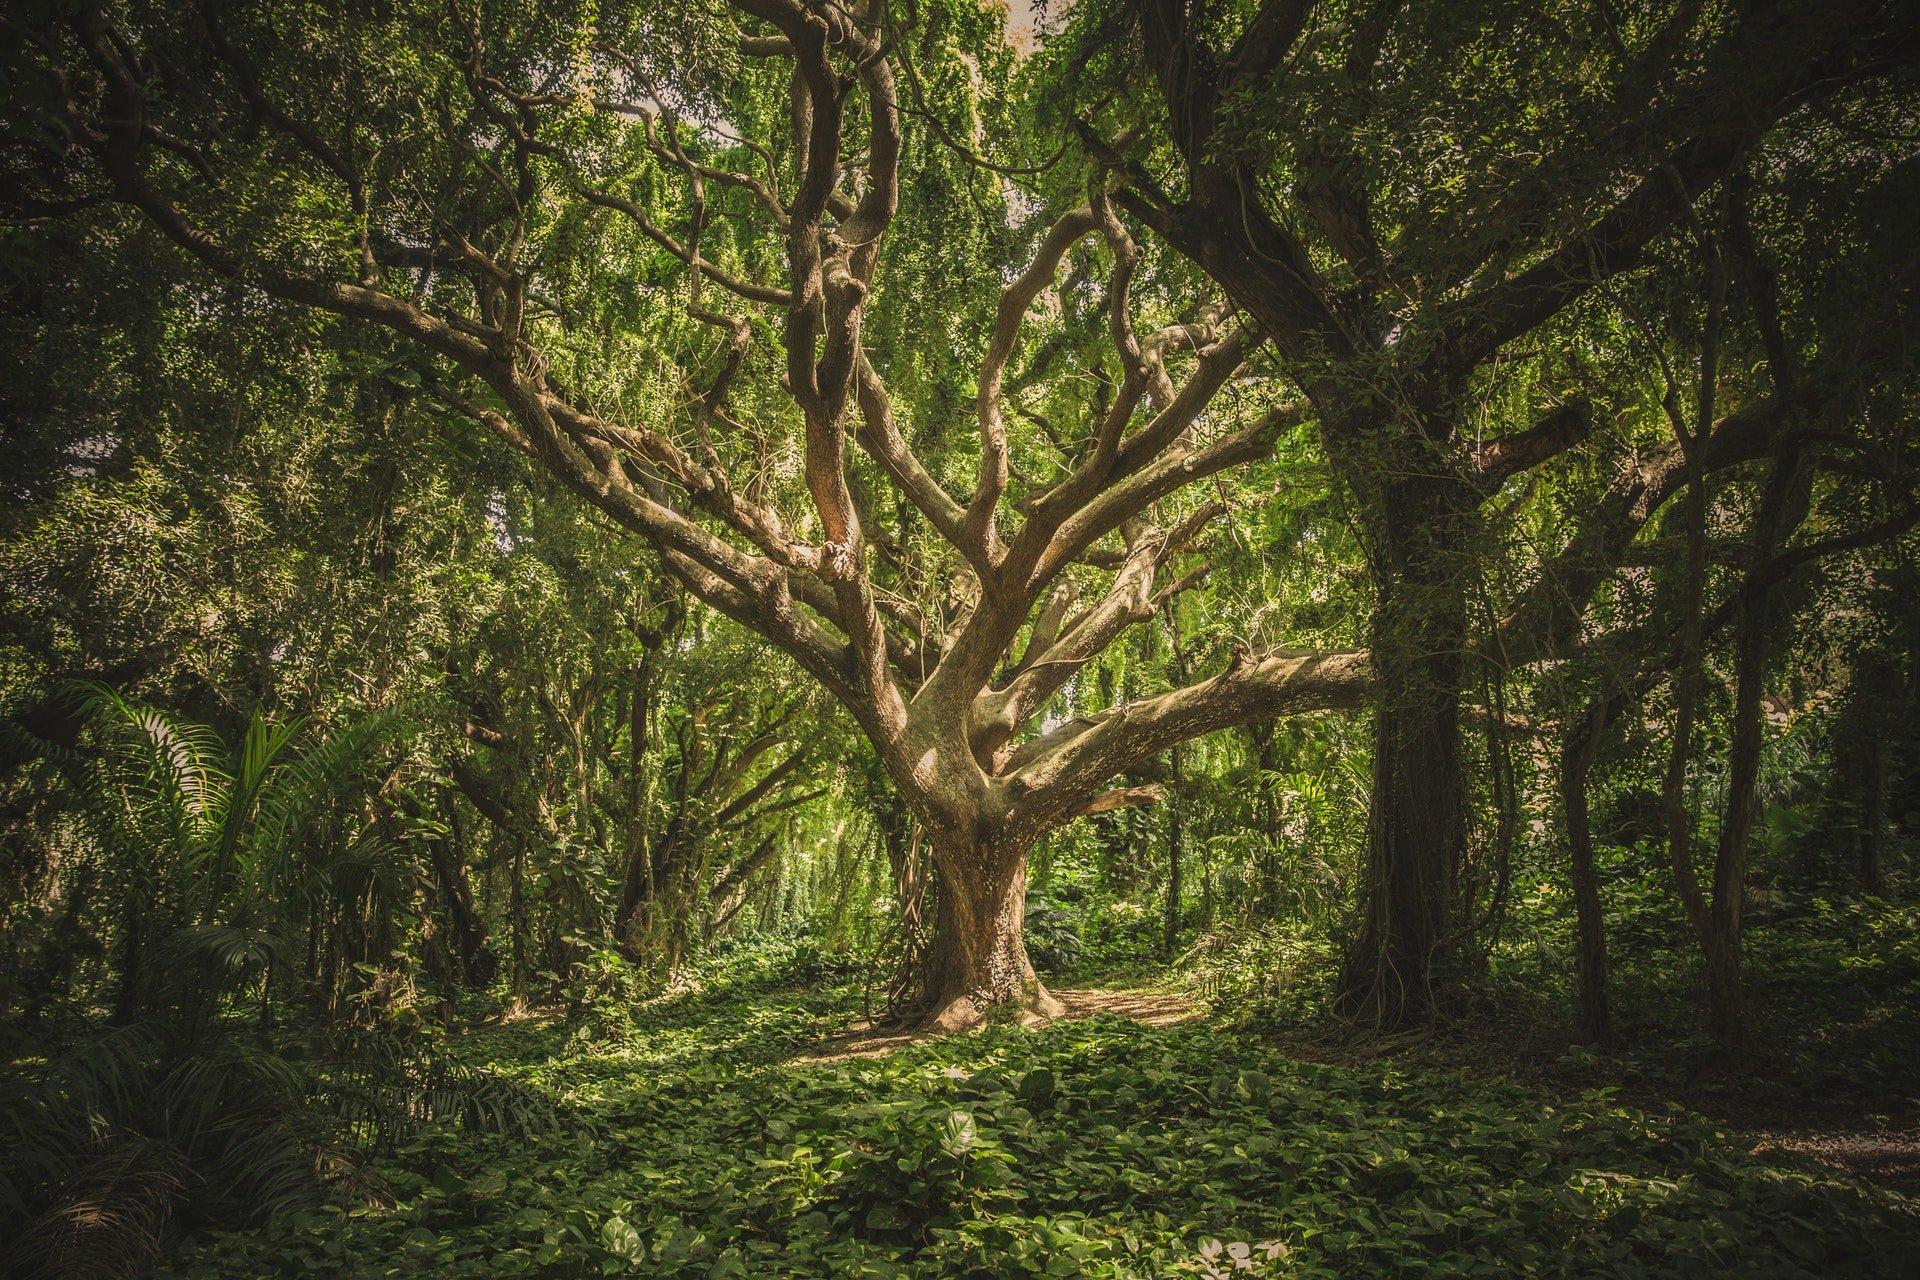 Bewusstsein erweitern im Wald